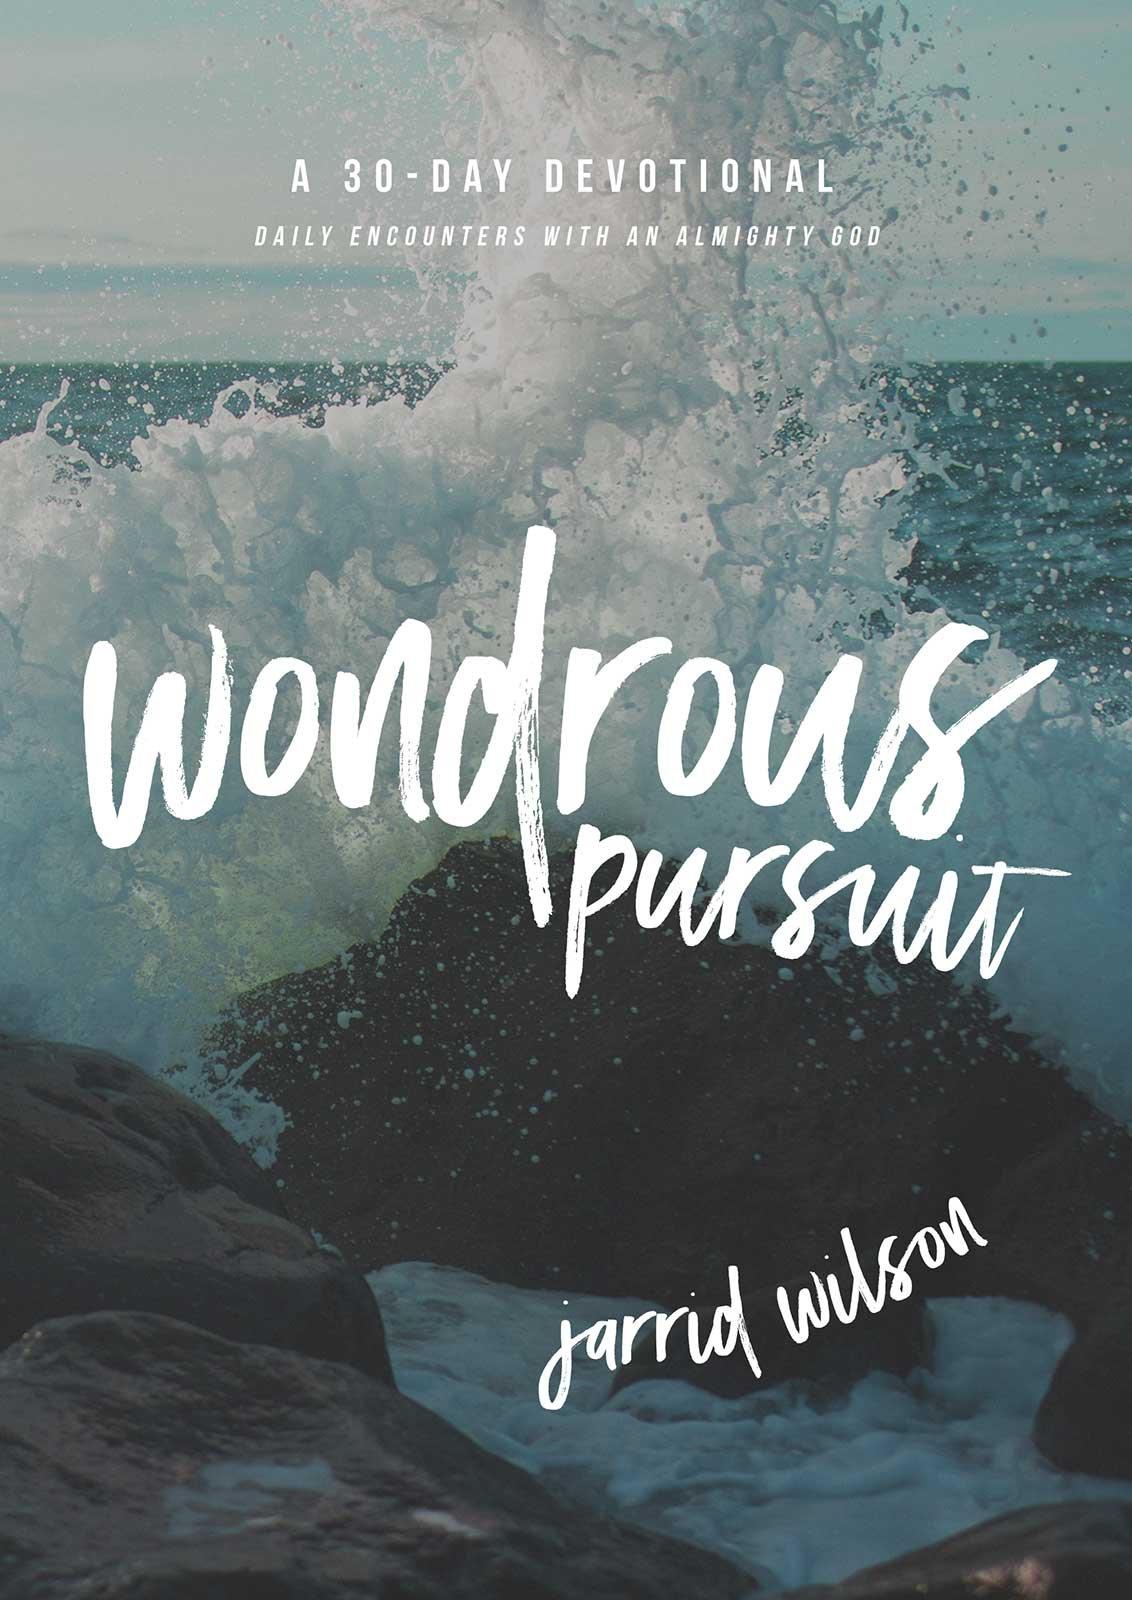 Wondrous Pursuit: Daily Encoun...